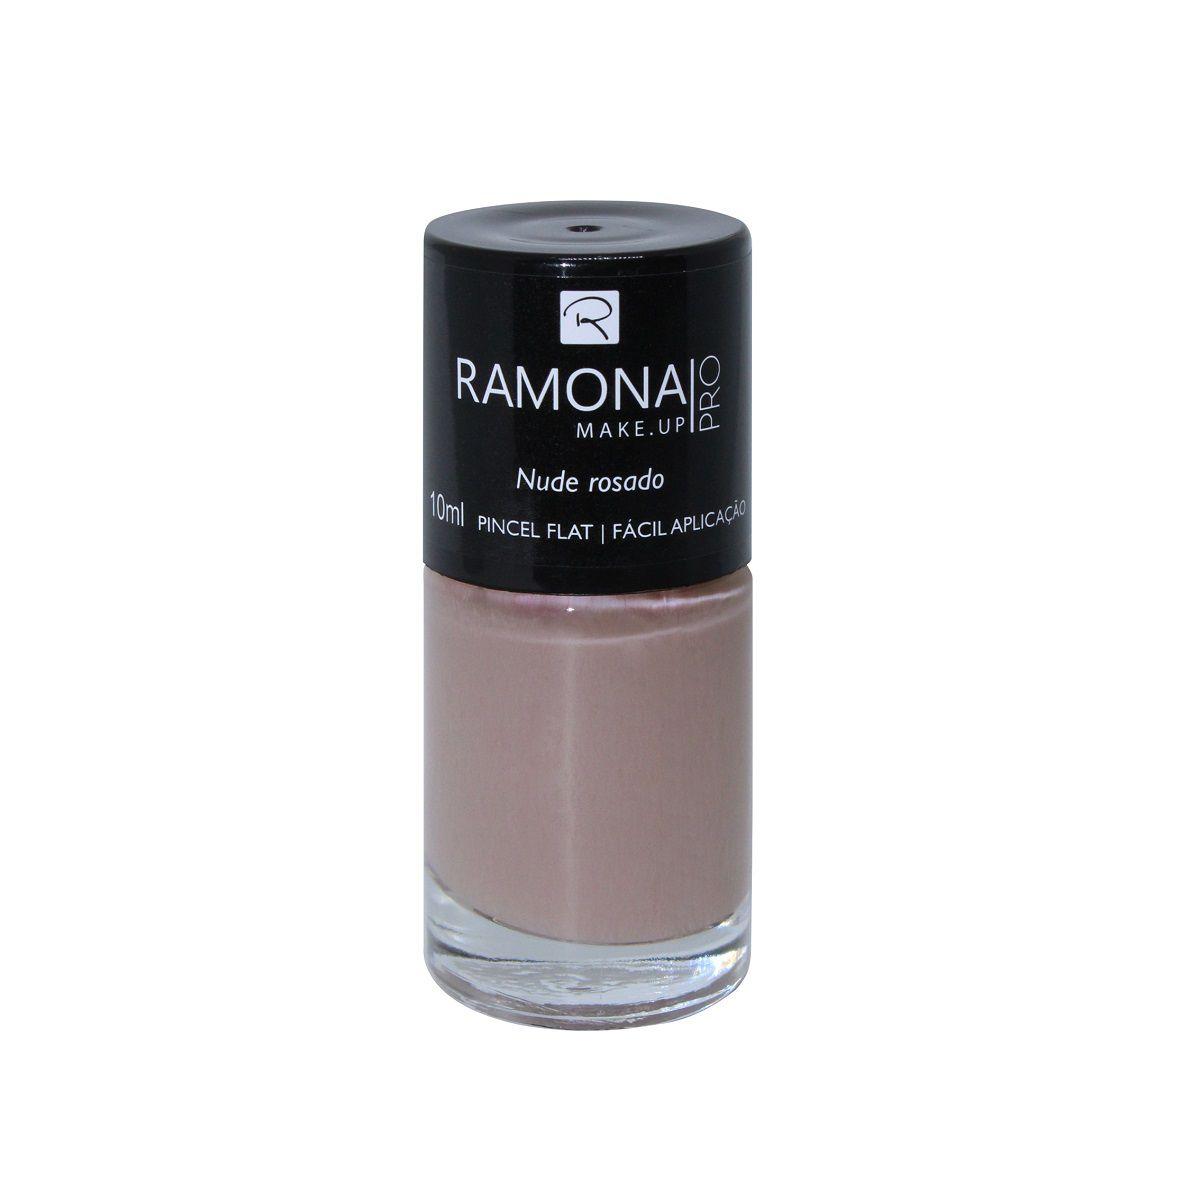 Esmalte cremoso Ramona Cosméticos Nude rosado 10ml